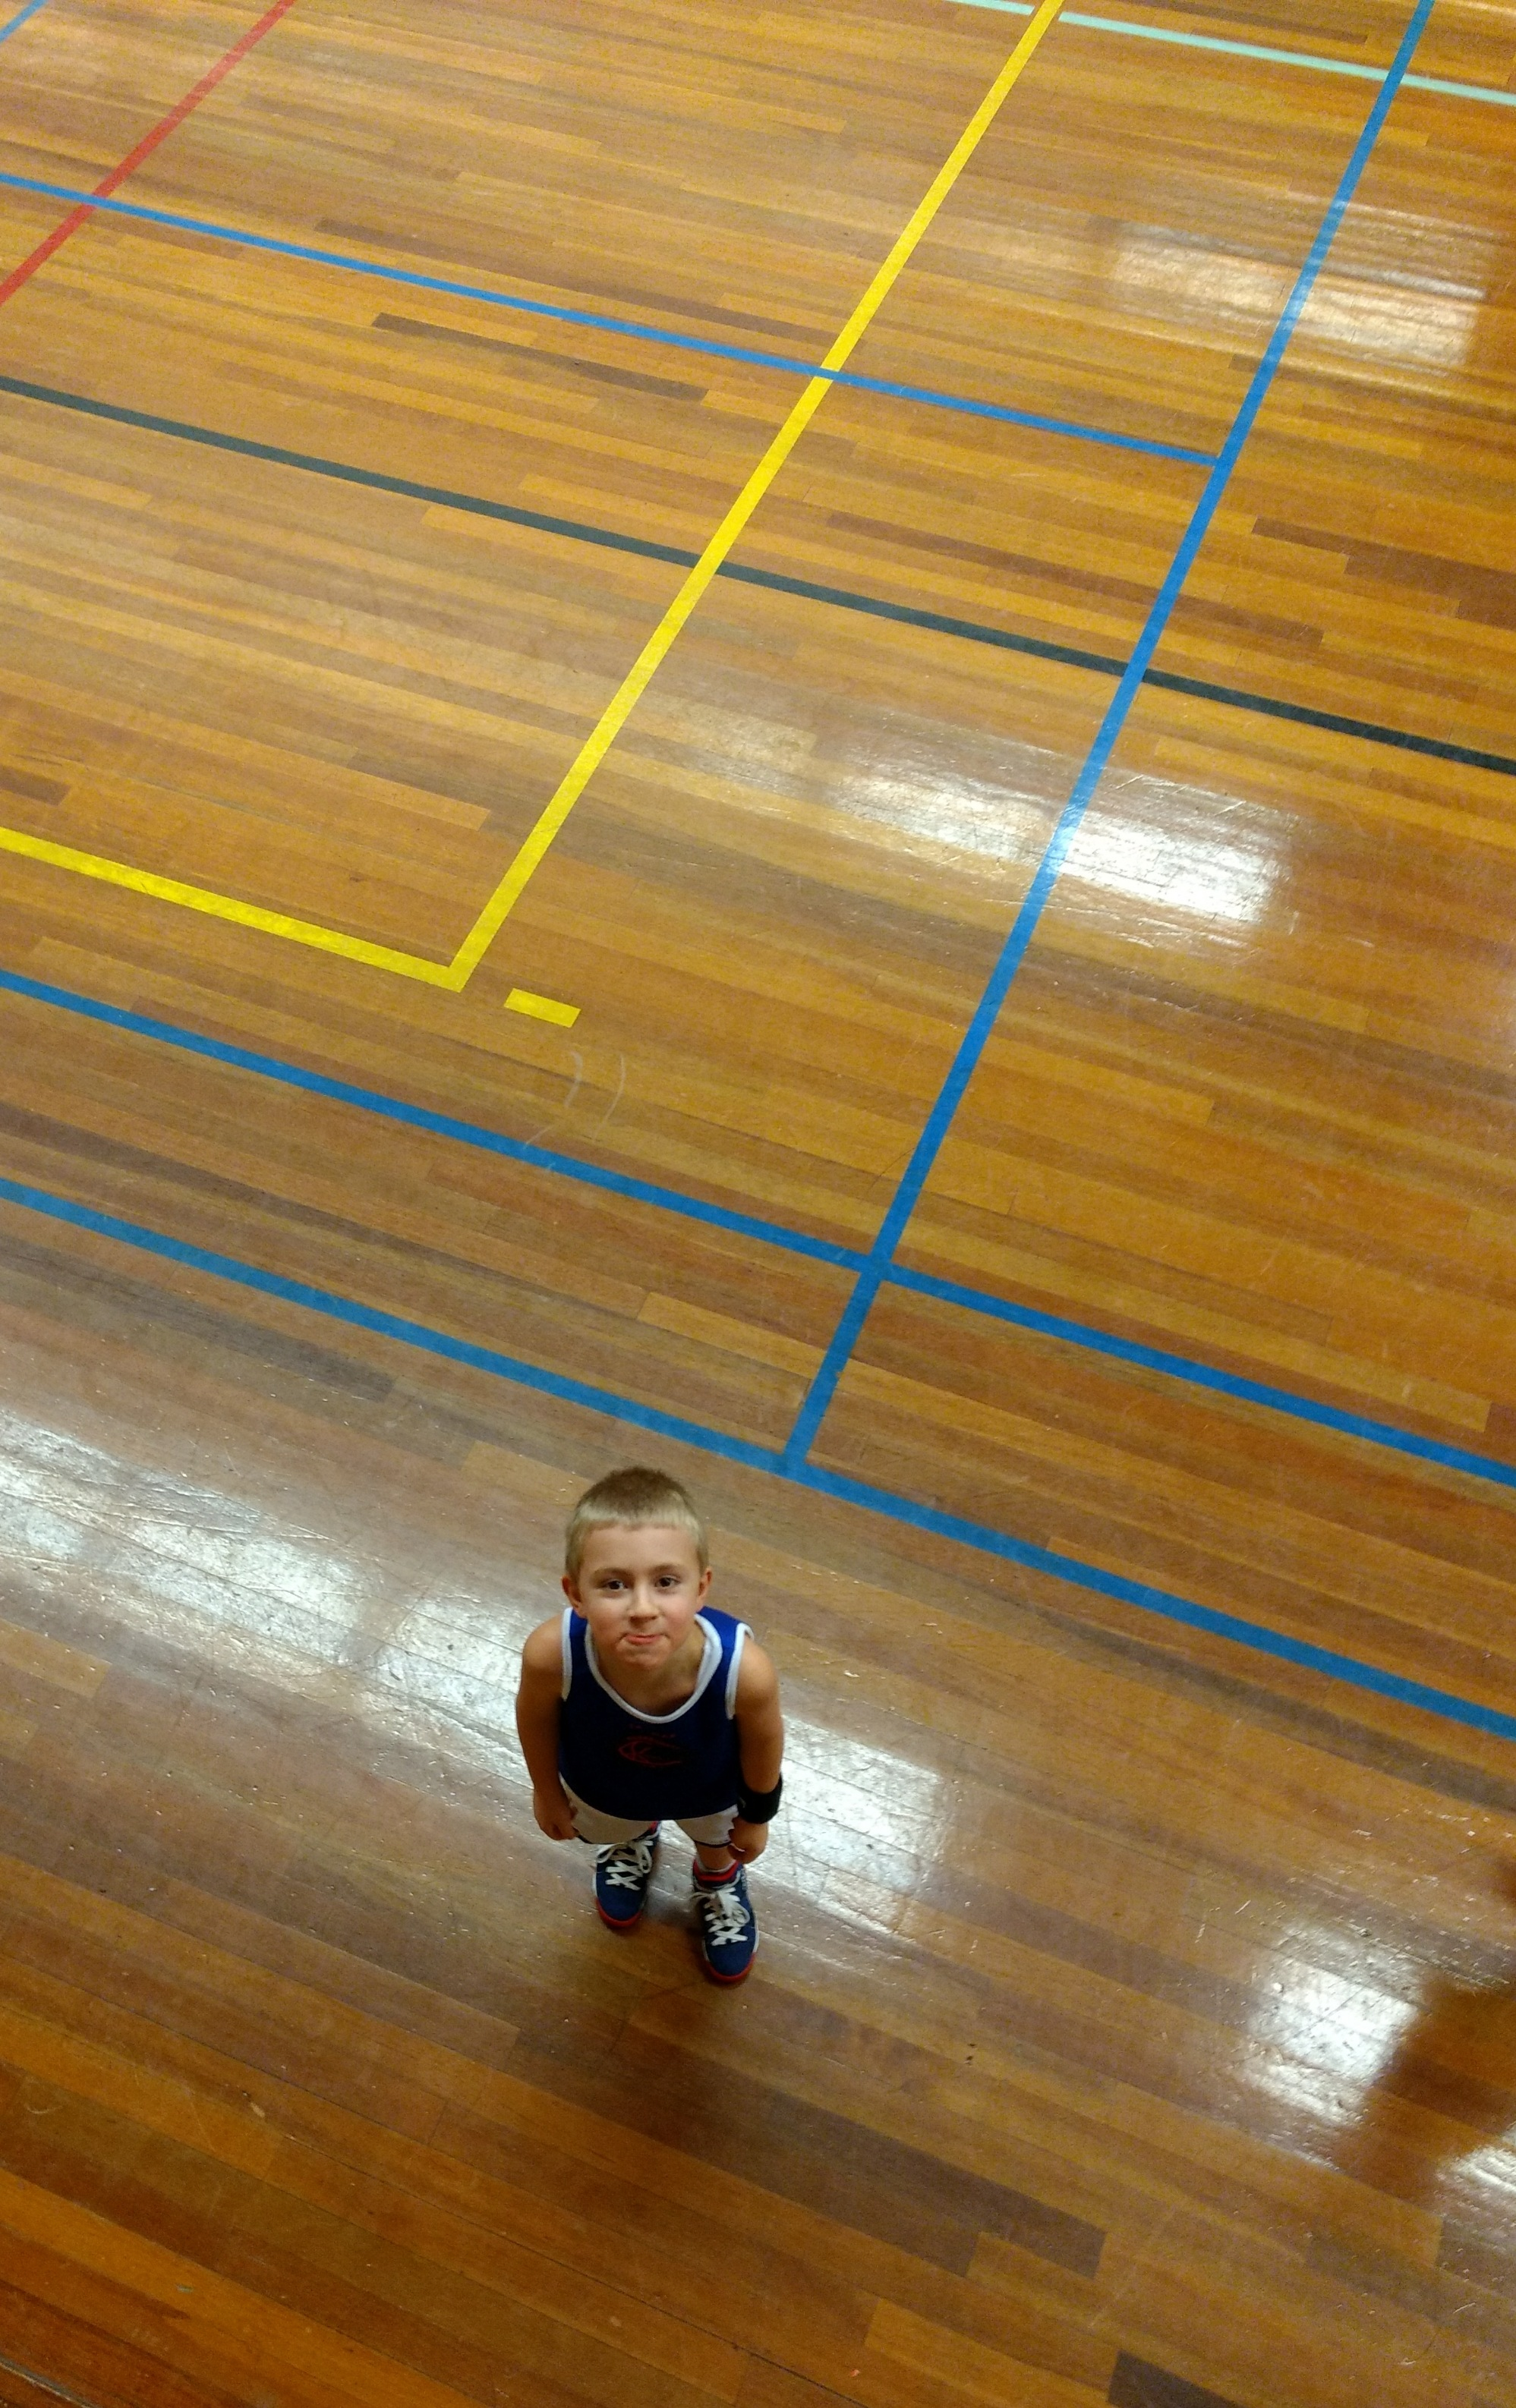 Mijn verhaal over basketbal